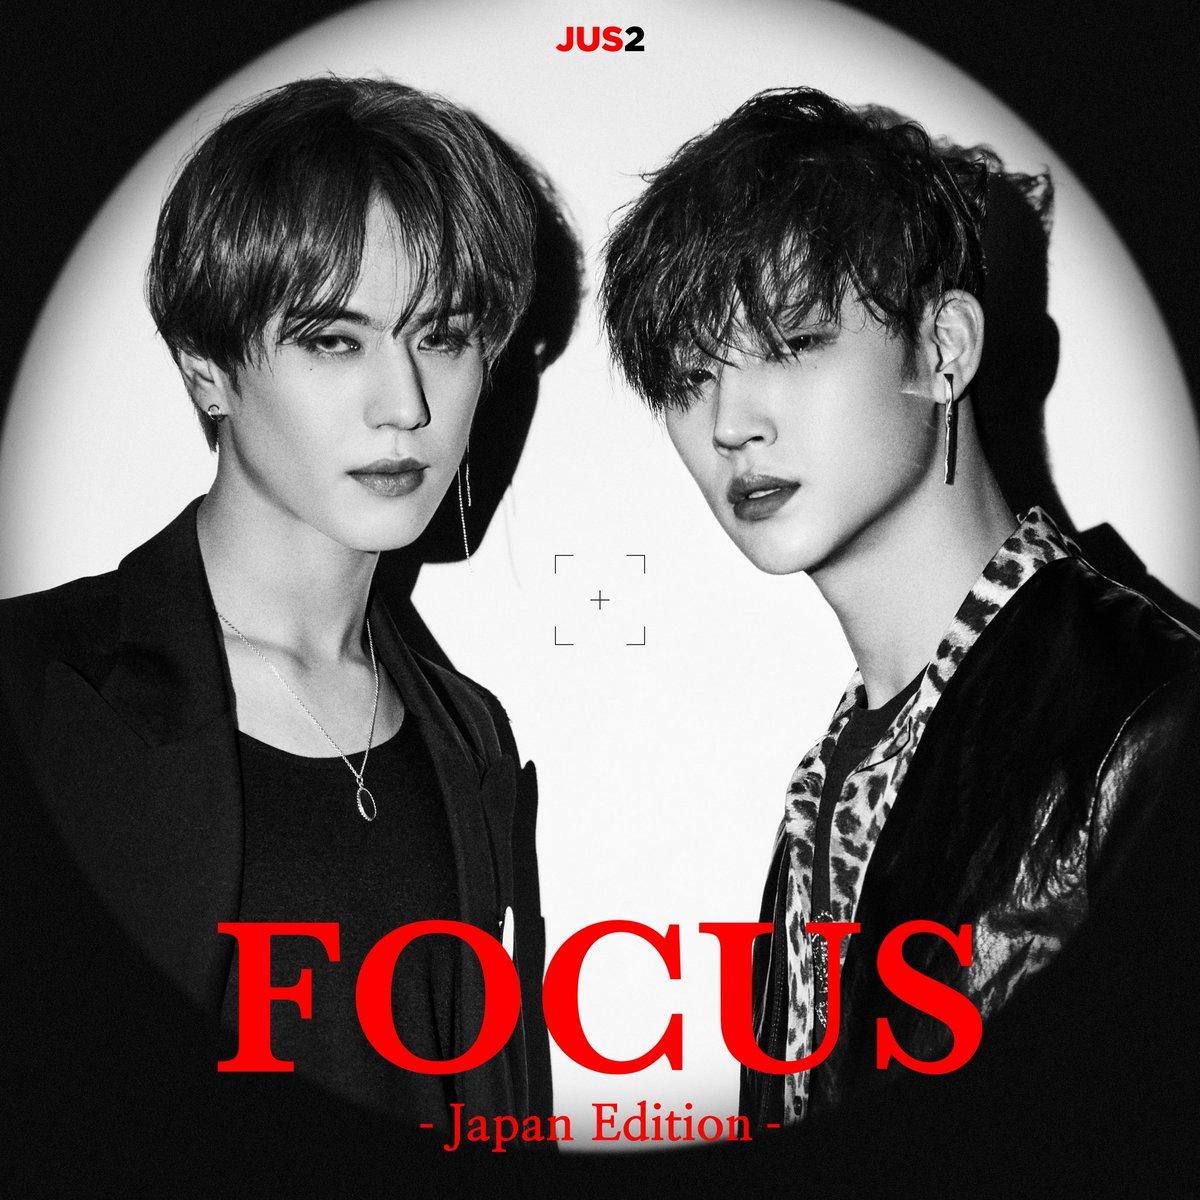 4/10(水)発売、Jus2 Mini Album 『FOCUS -Japan Edition-』のジャケット写真を公開!ぜひチェックして下さい♪    http://got7japan.com/jus2/focus/    #Jus2 #Jus2_FOCUS